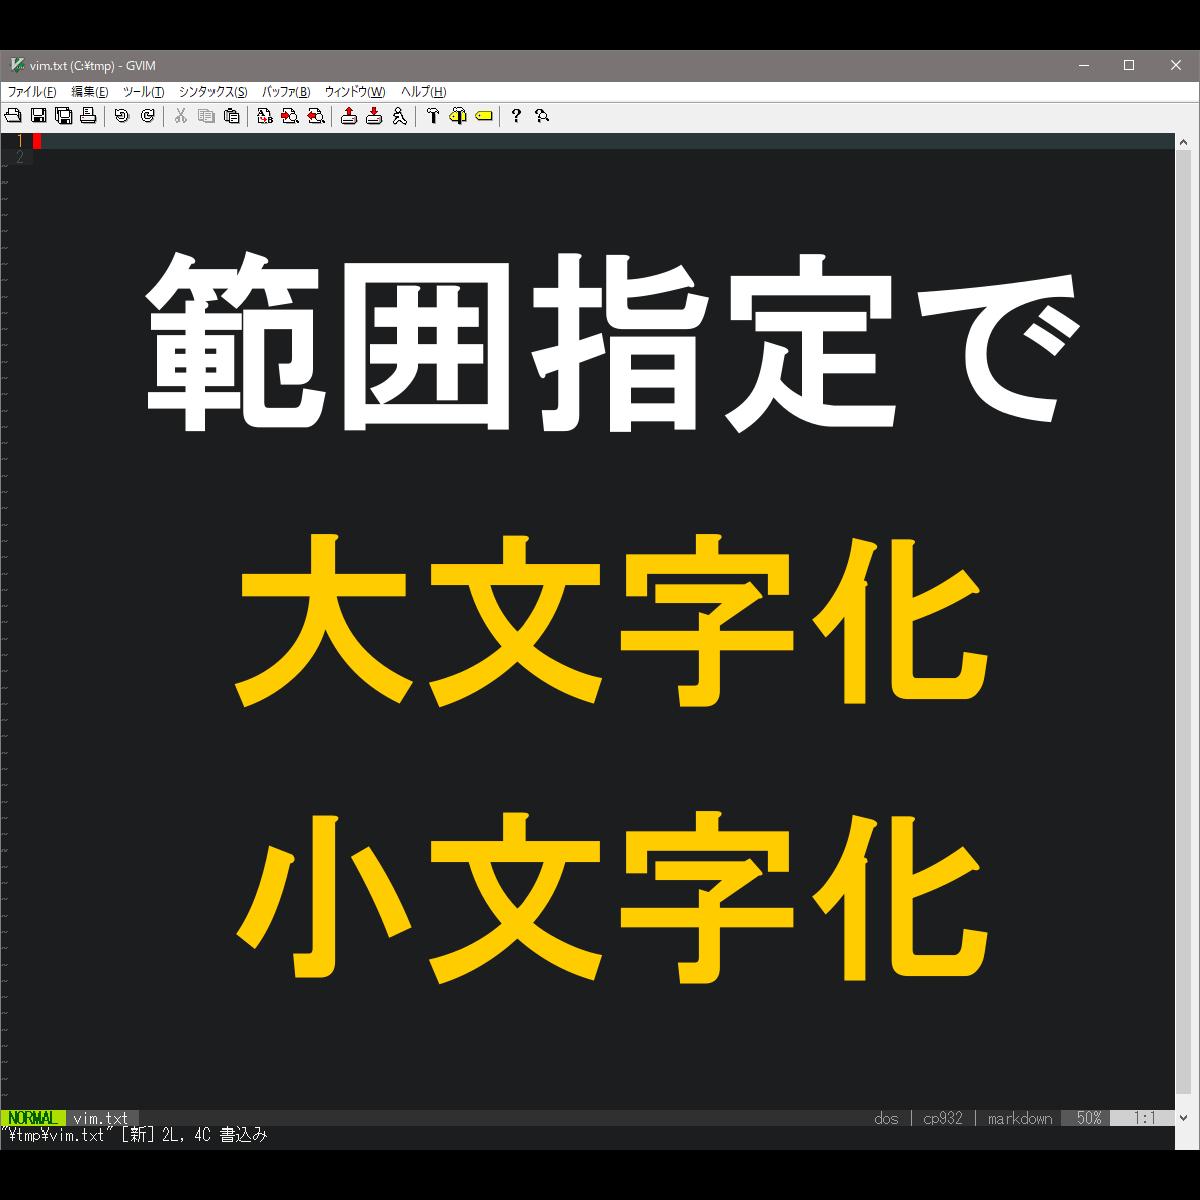 アイキャッチ:範囲指定で大文字化小文字化